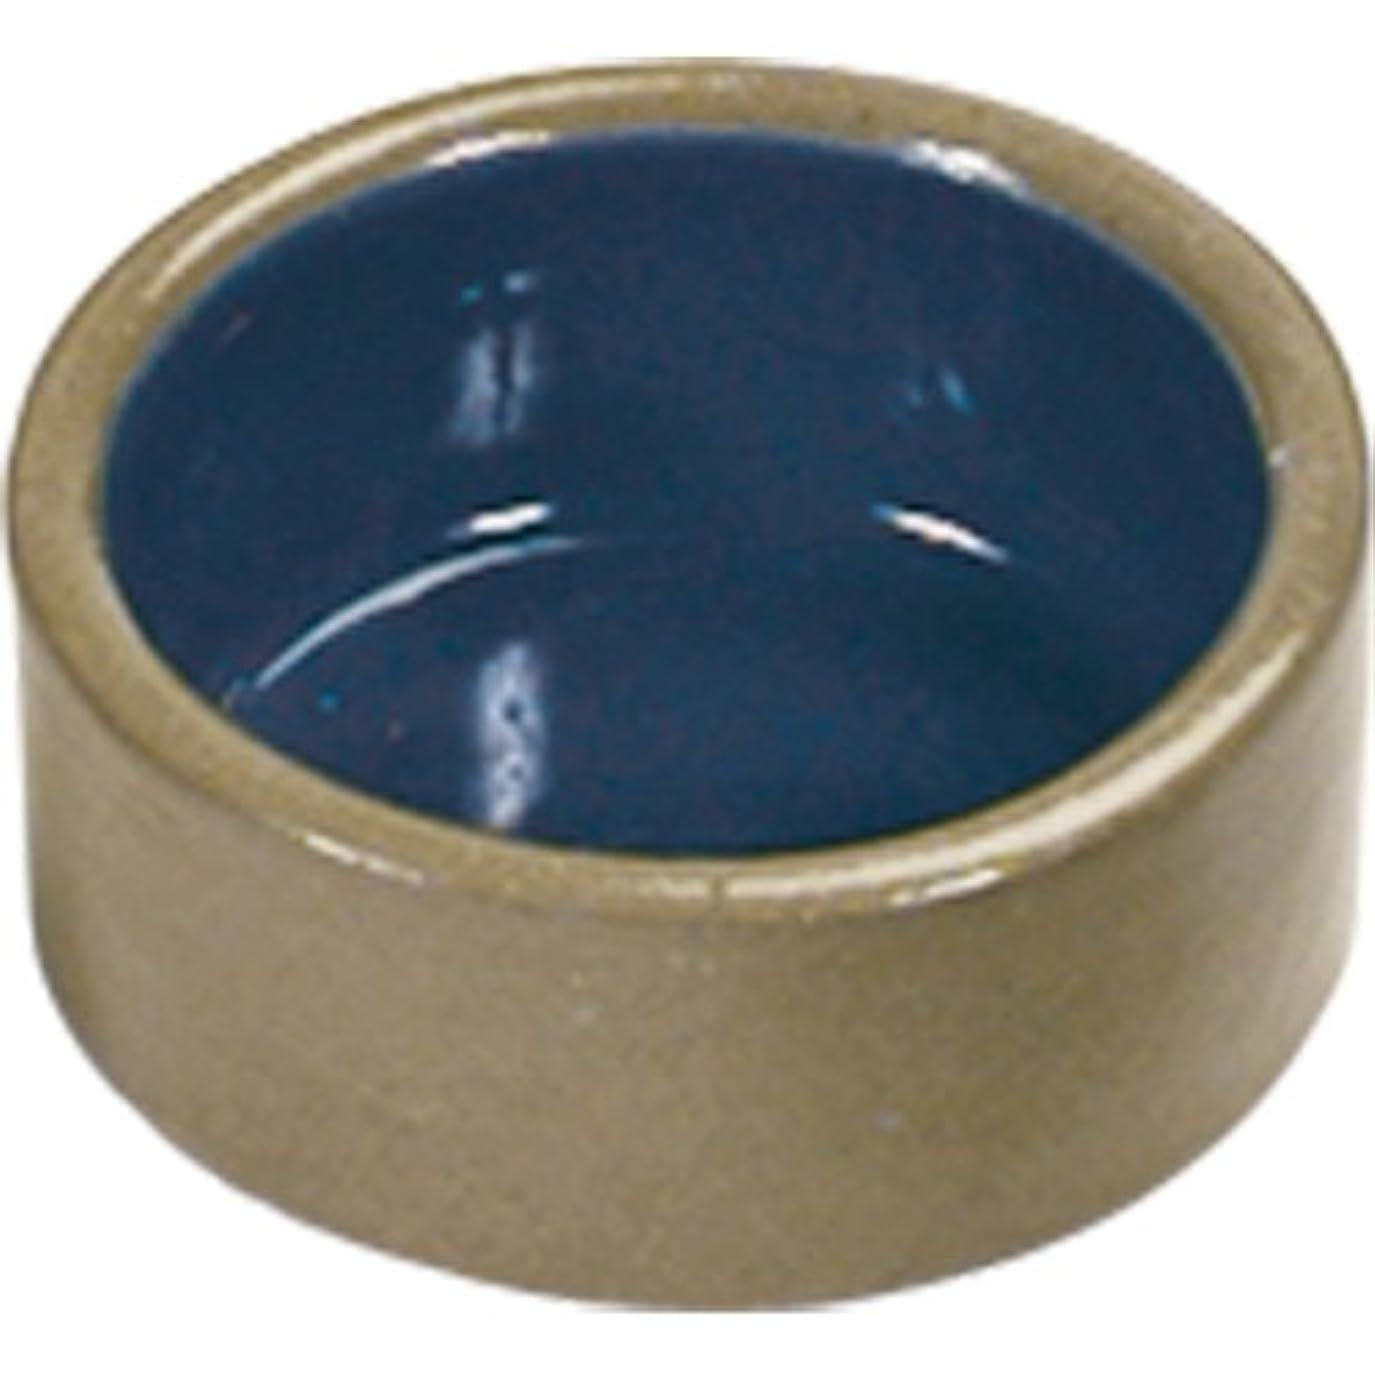 動かす開梱つぶすSuper Pet Stoneware Hamster Dish 3inches Diameter Sandstone Color Exterior